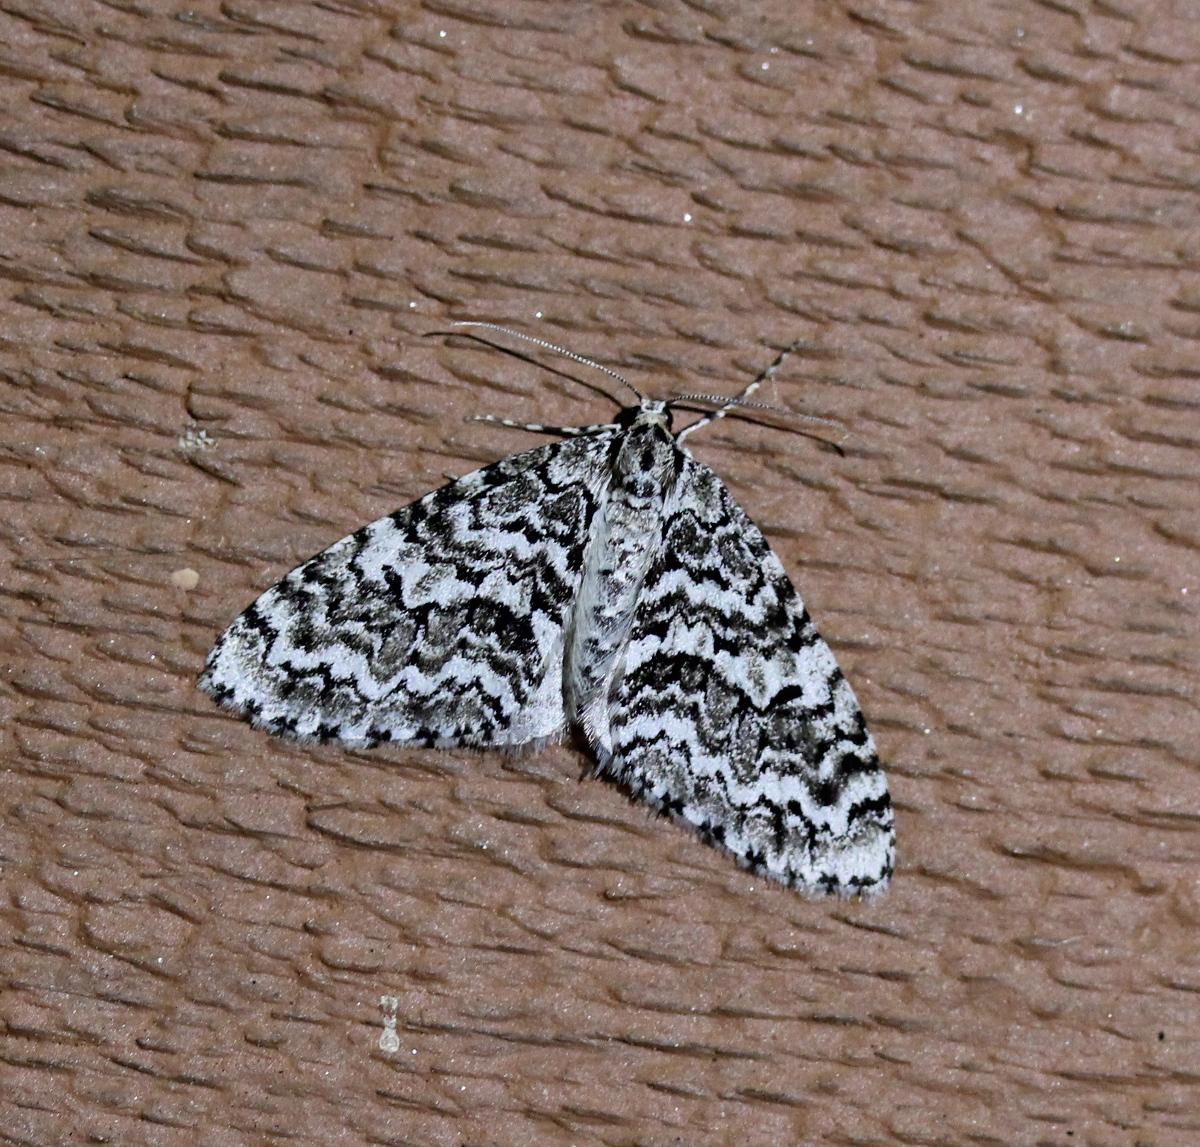 mottled black/white moth on painted siding